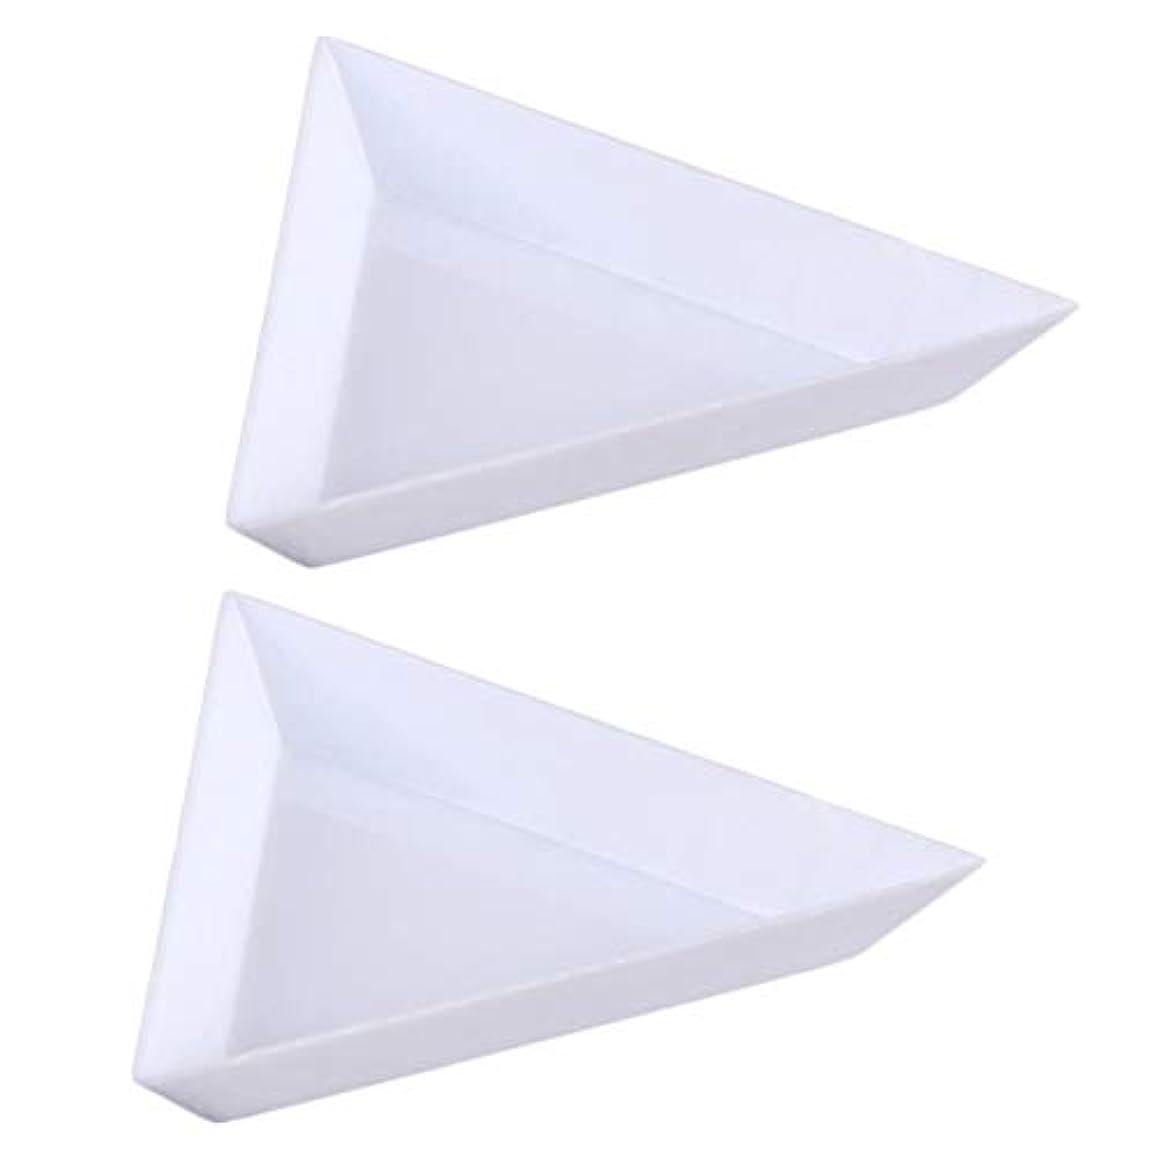 ひどいひどい同僚RETYLY 10個三角コーナープラスチックラインストーンビーズ 結晶 ネイルアートソーティングトレイアクセサリー白 DiyネイルアートデコレーションDotting収納トレイ オーガニゼーションに最適